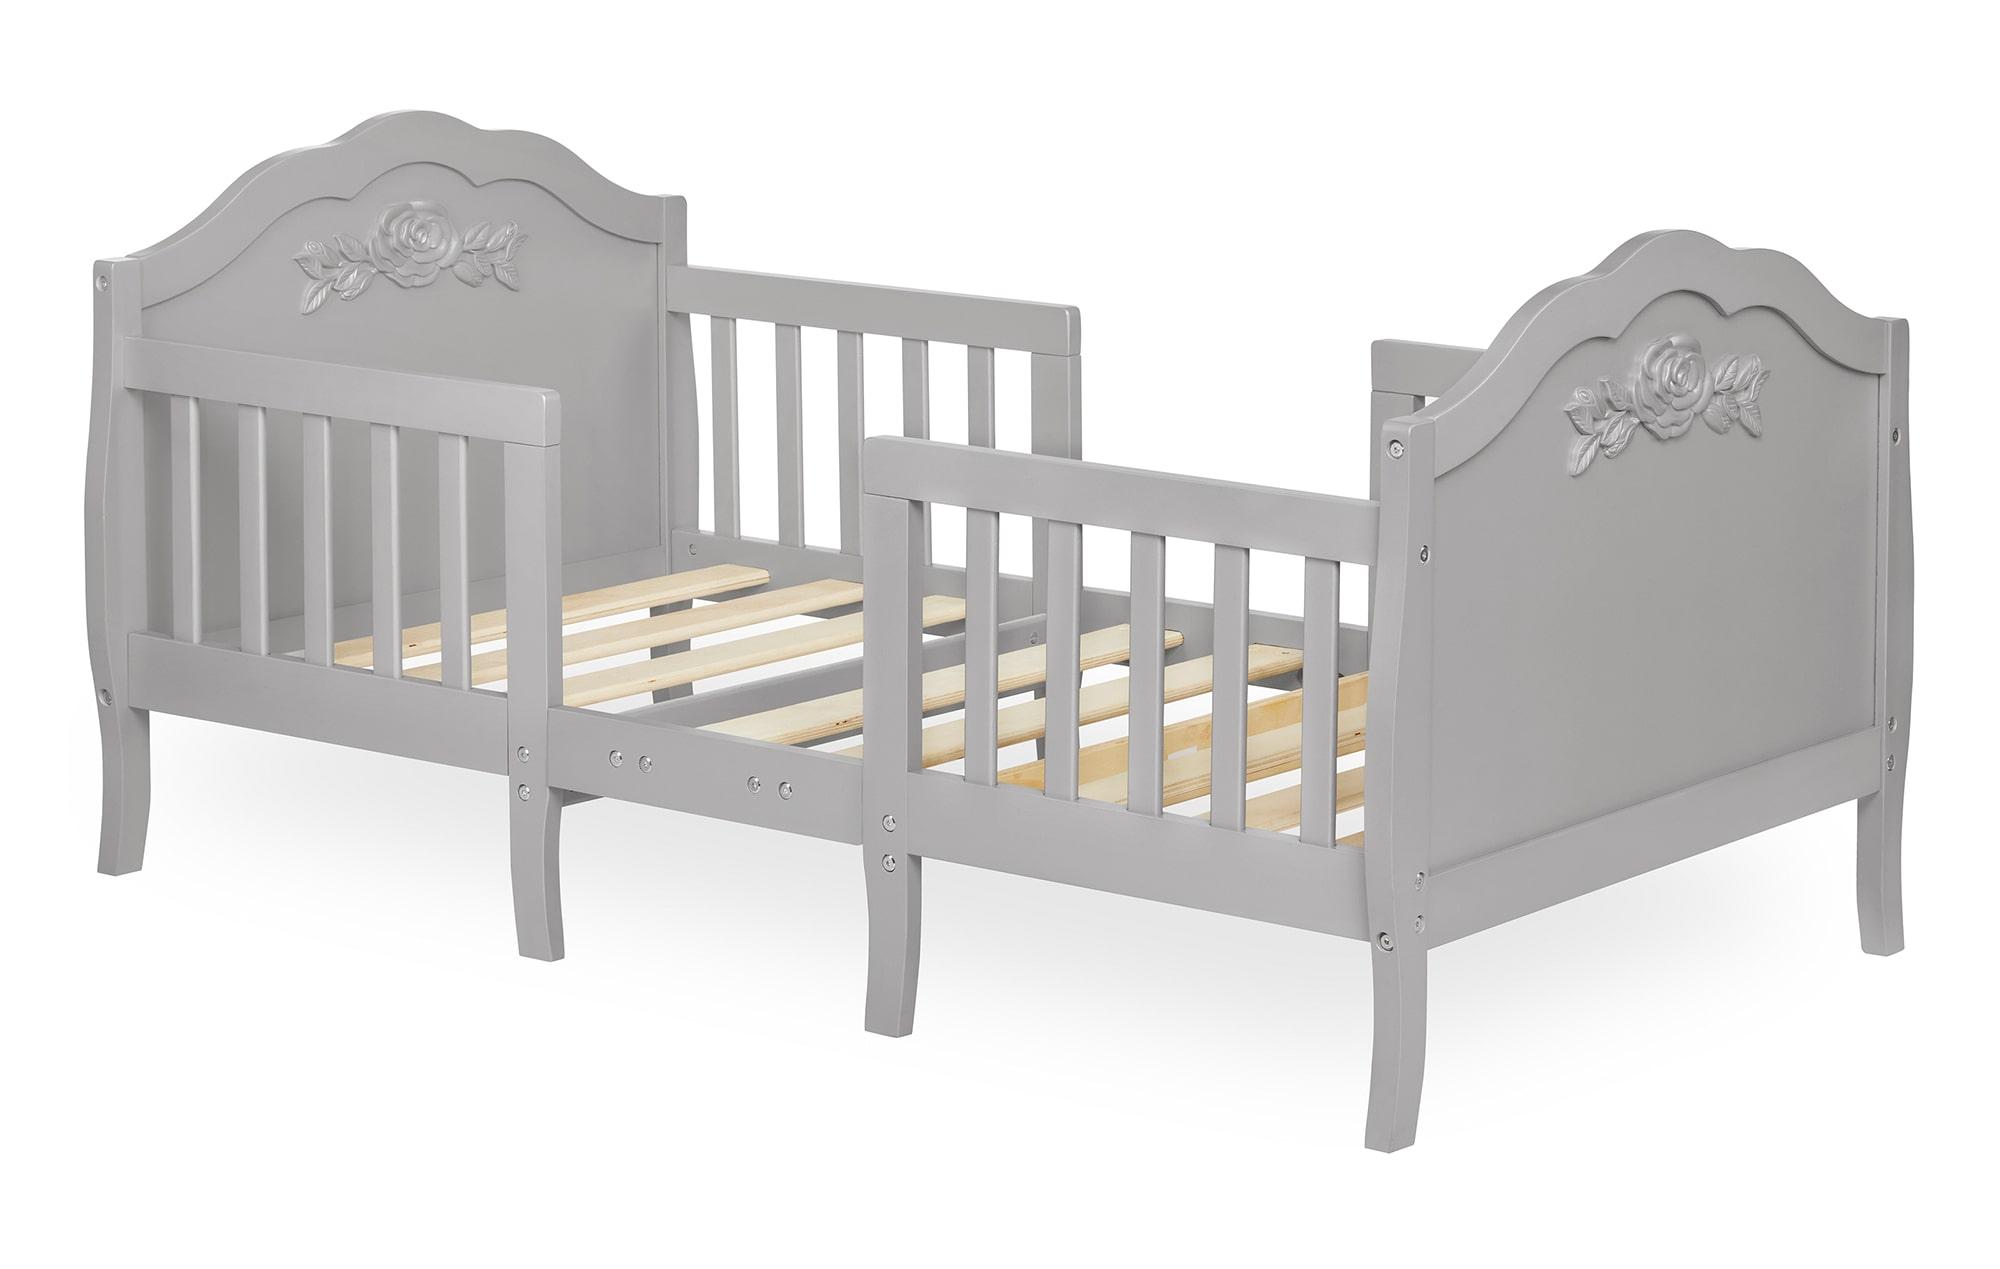 640_PLTM Rose Toddler Bed Silo 2